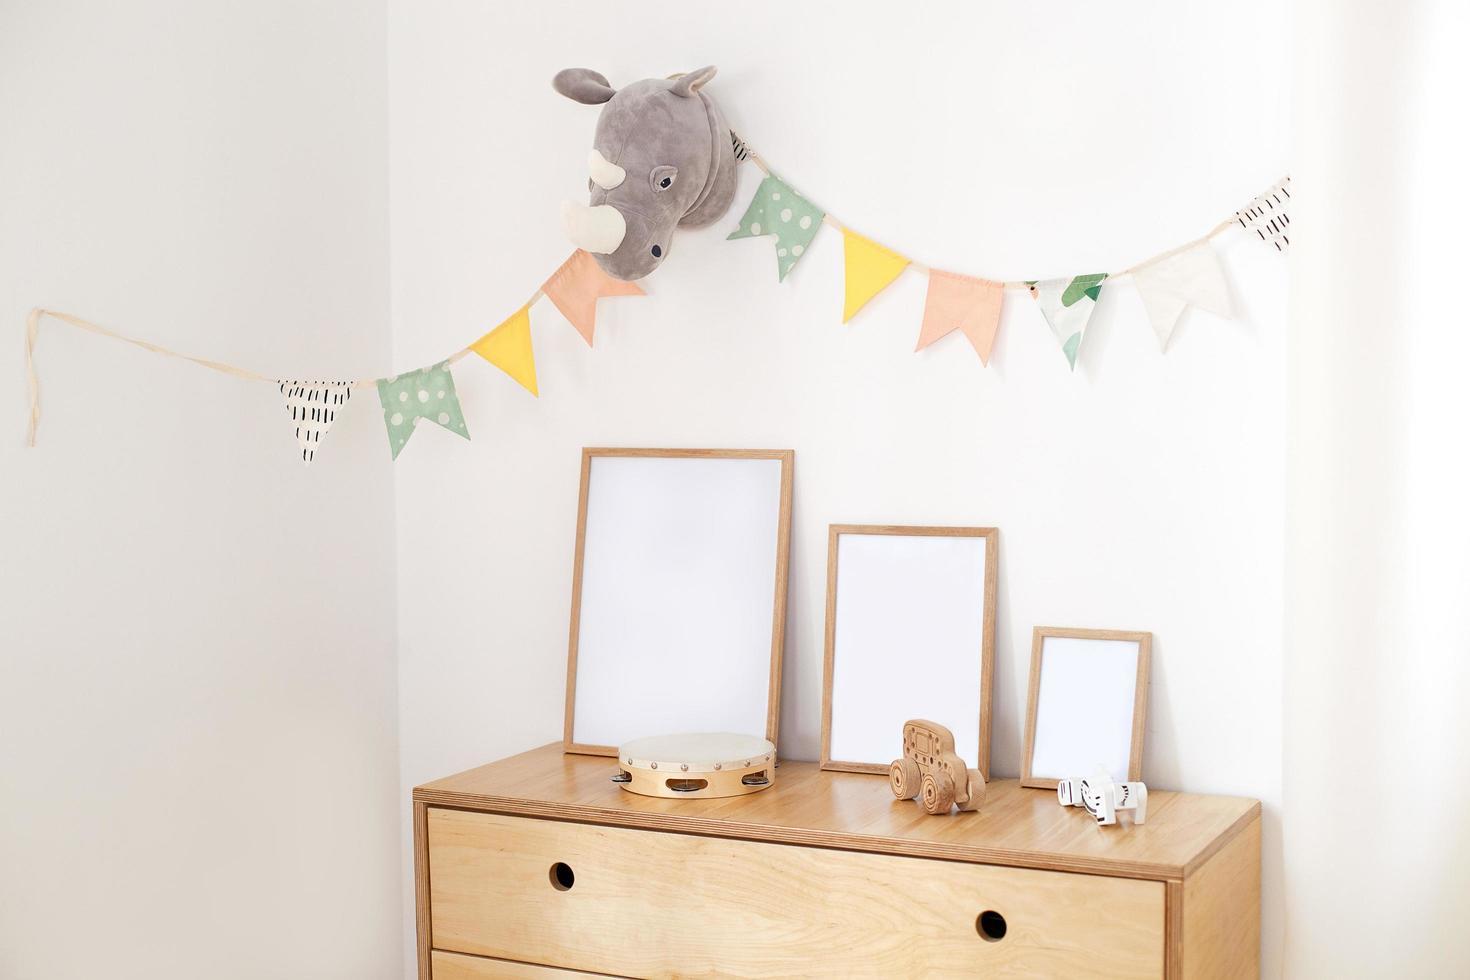 brinquedos ecológicos de madeira no quarto das crianças foto